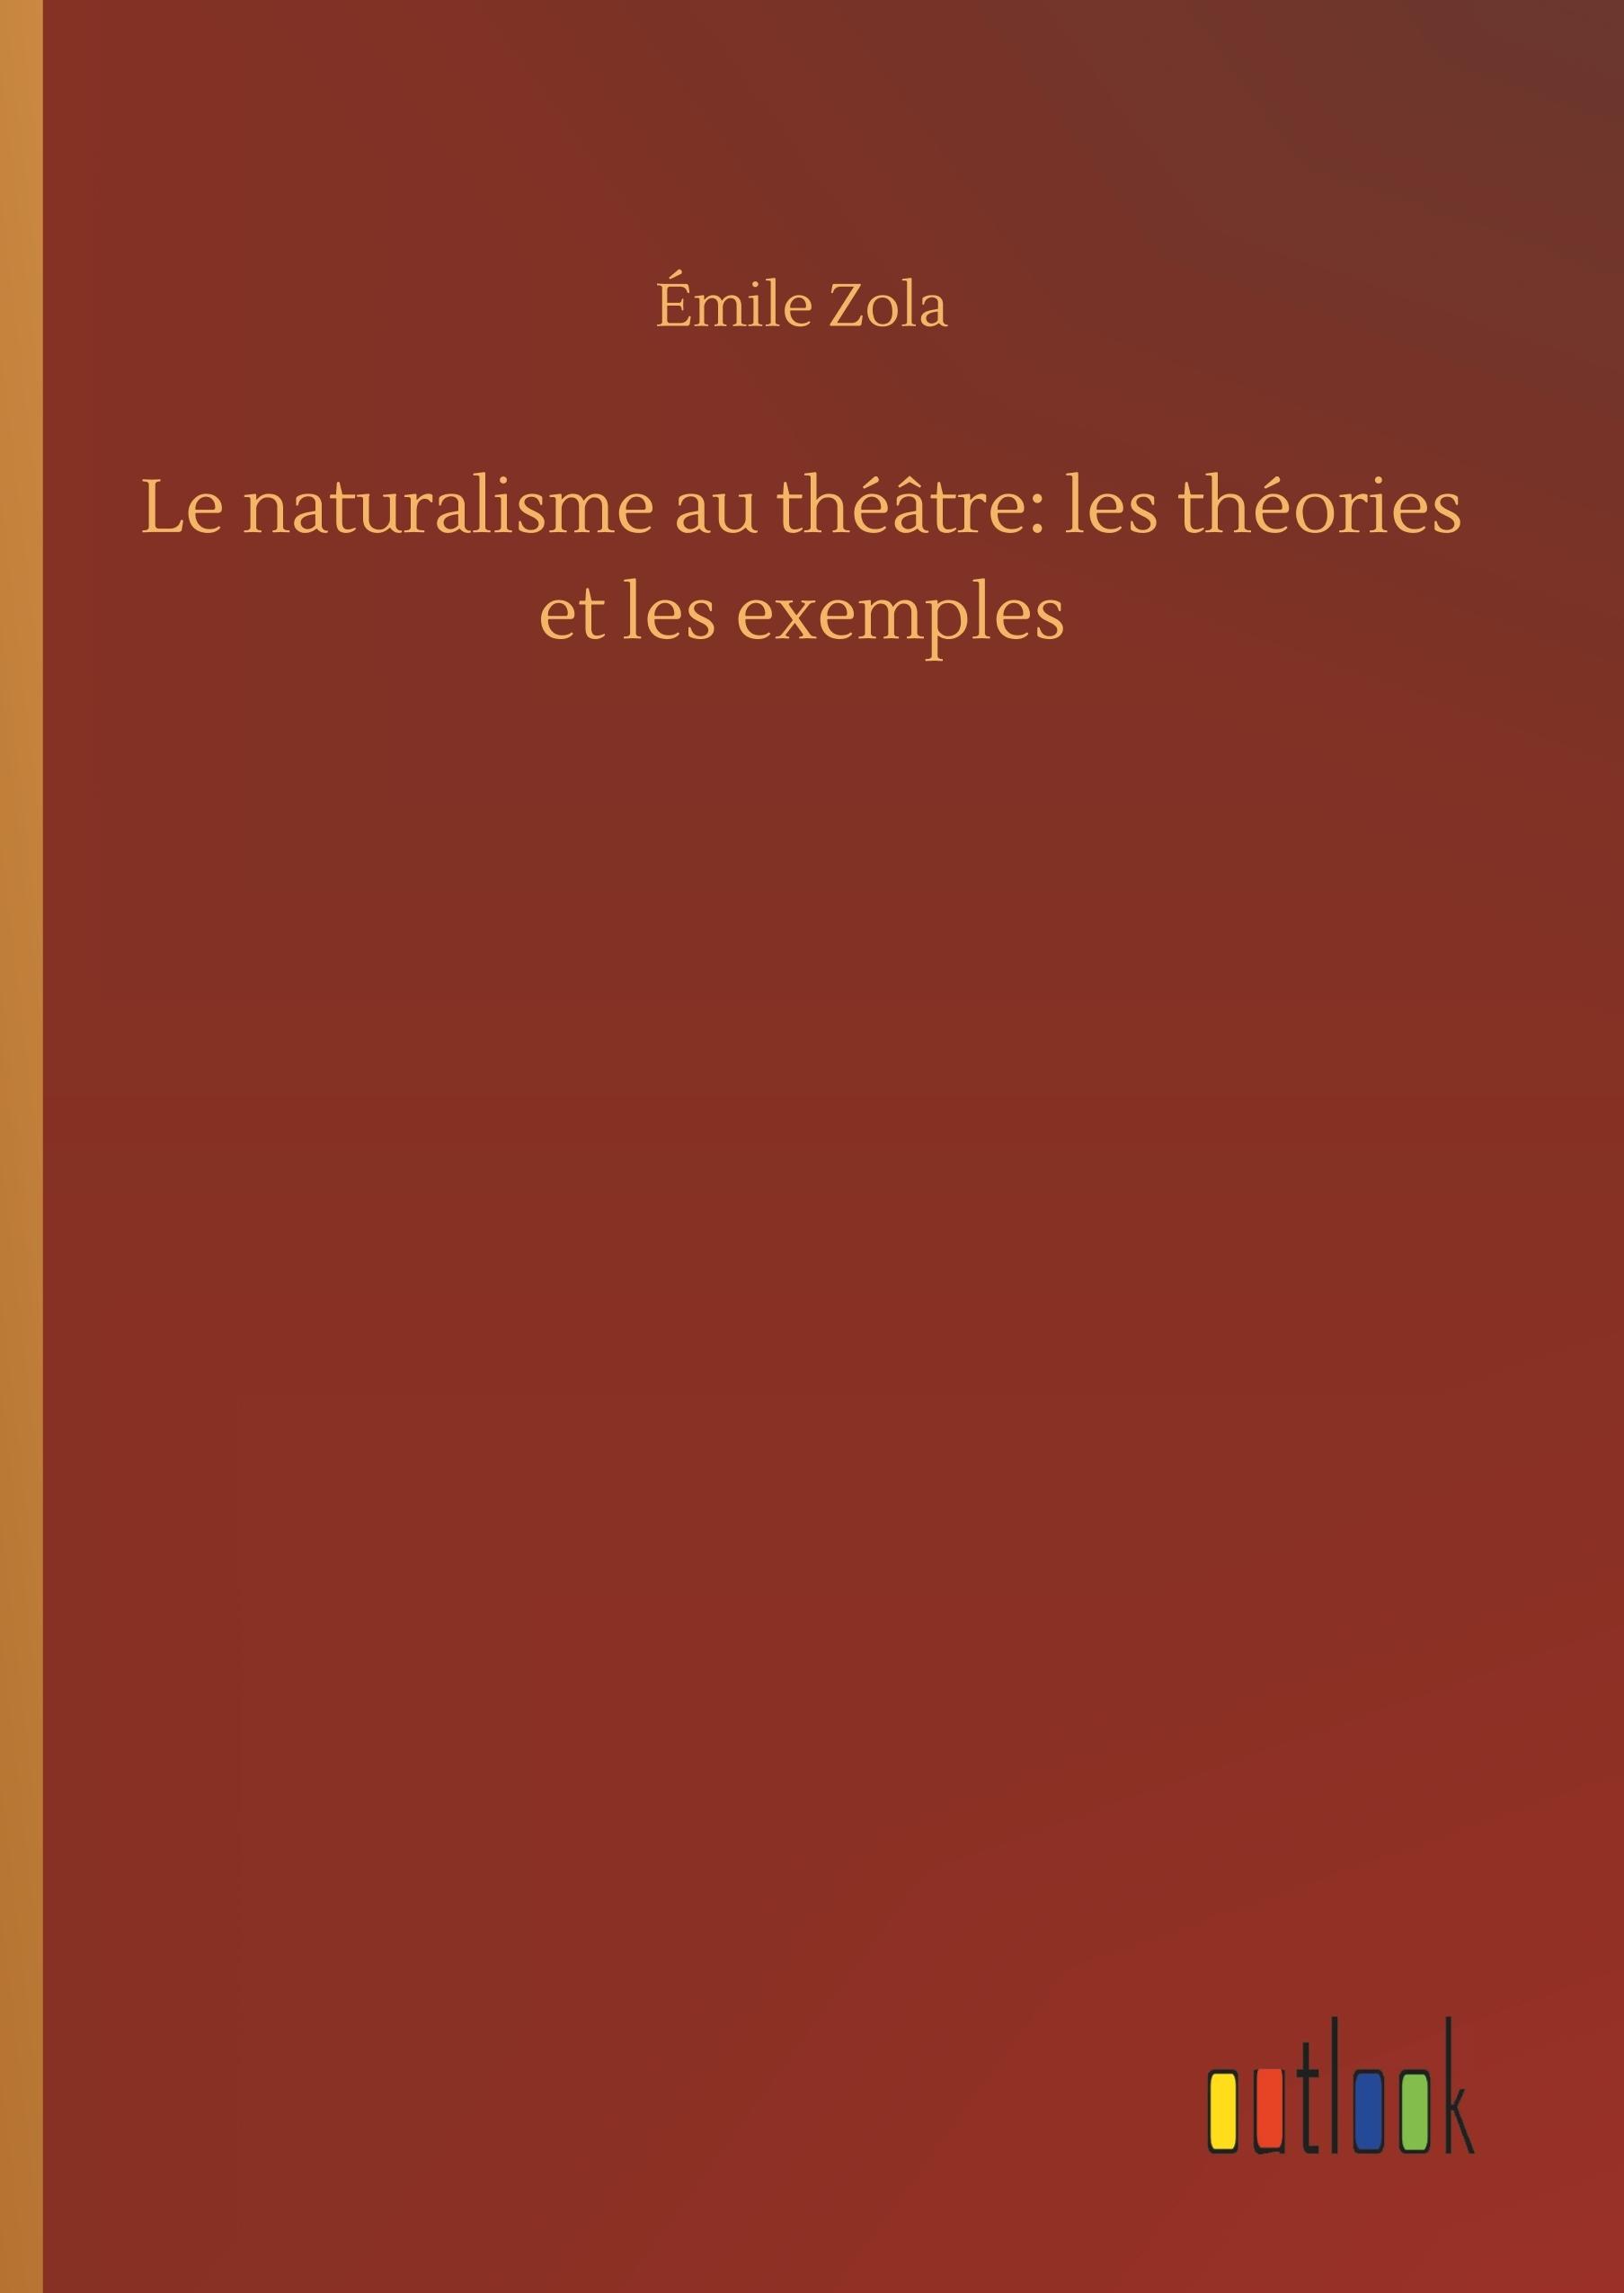 LE NATURALISME AU THEATRE: LES THEORIES ET LES EXEMPLES